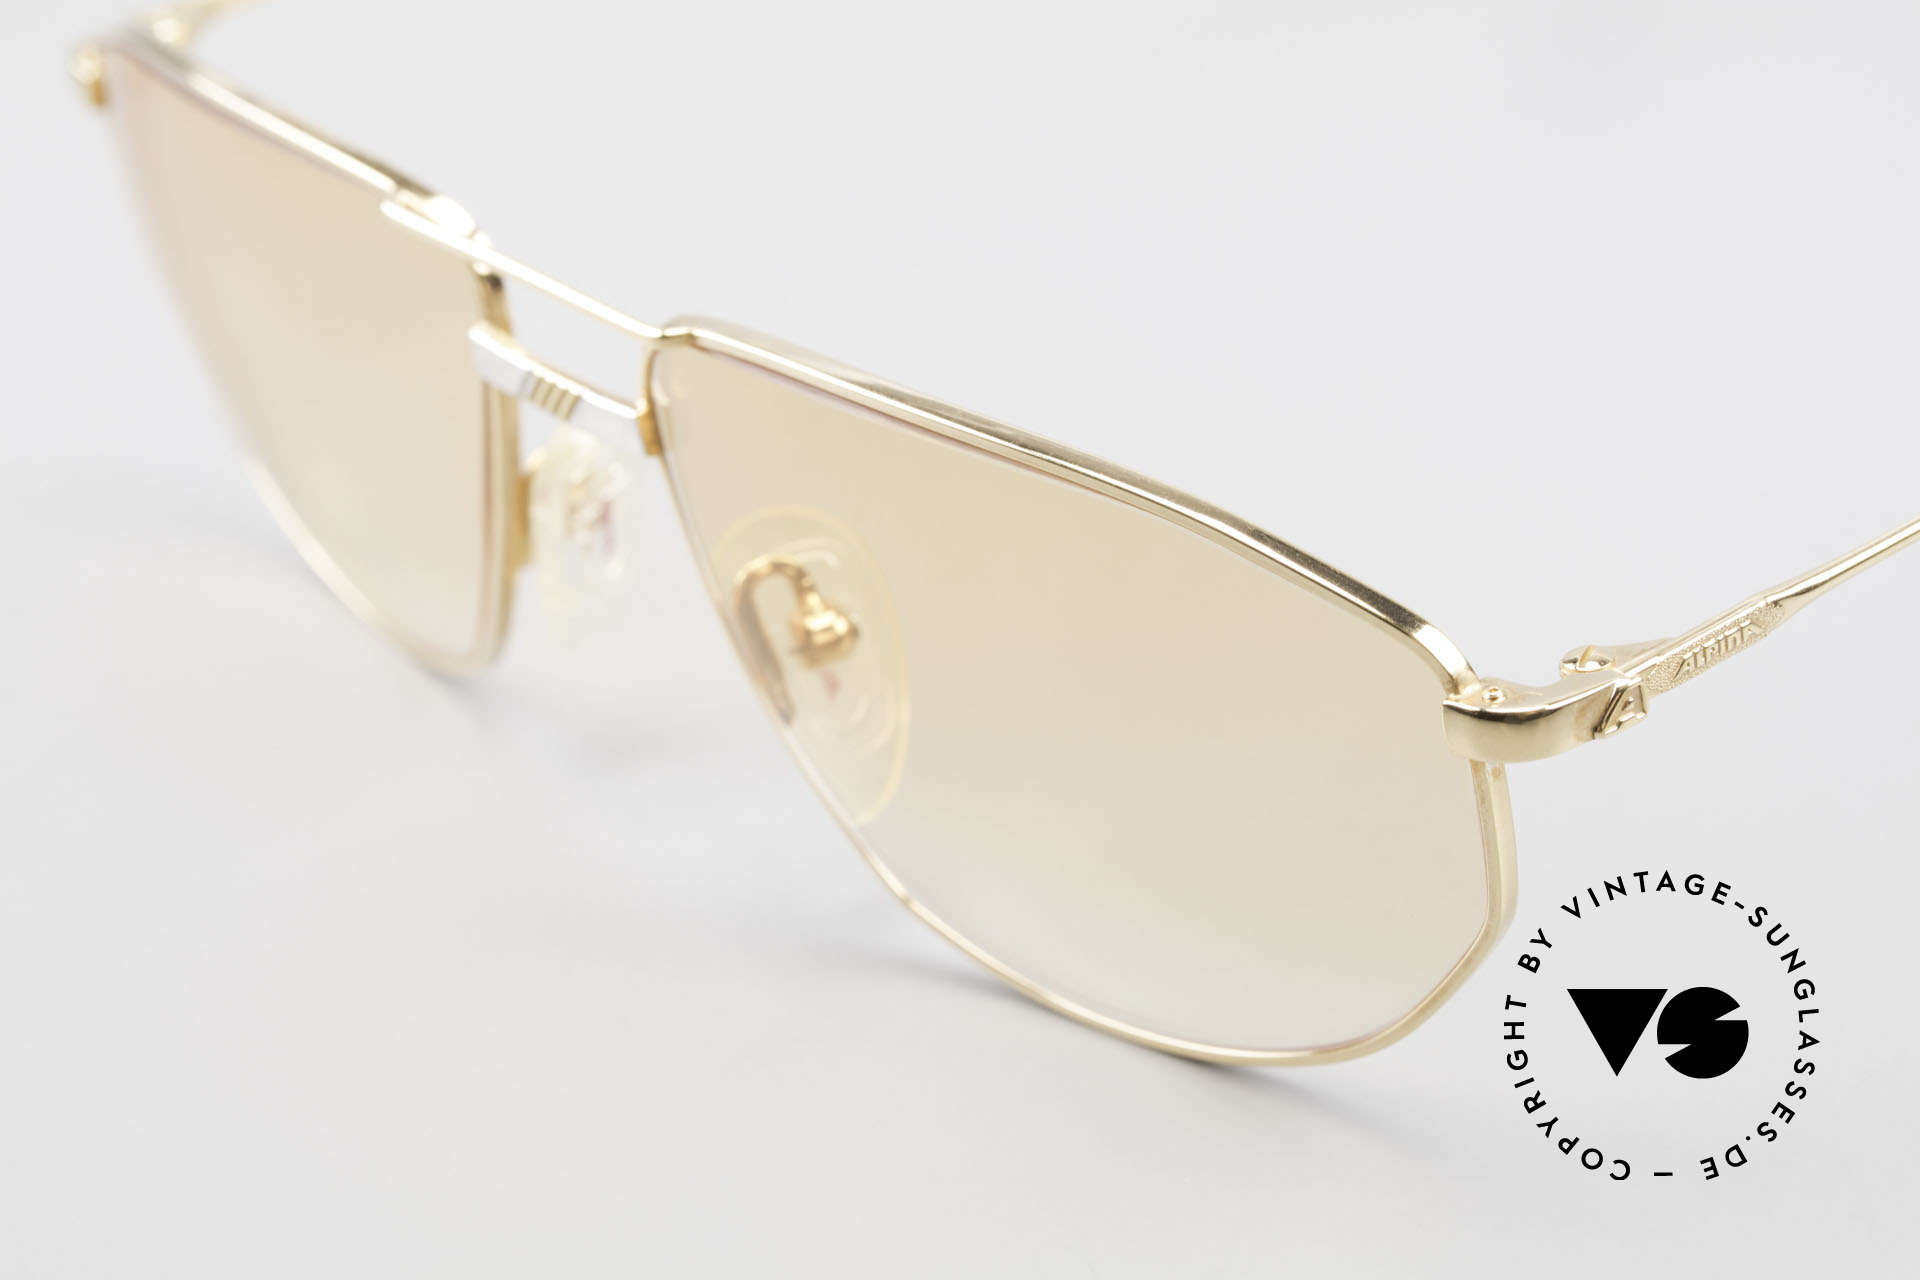 Alpina FM41 Stylische 80er Sonnenbrille, ungetragen (wie alle unsere alten Brillengestelle), Passend für Herren und Damen